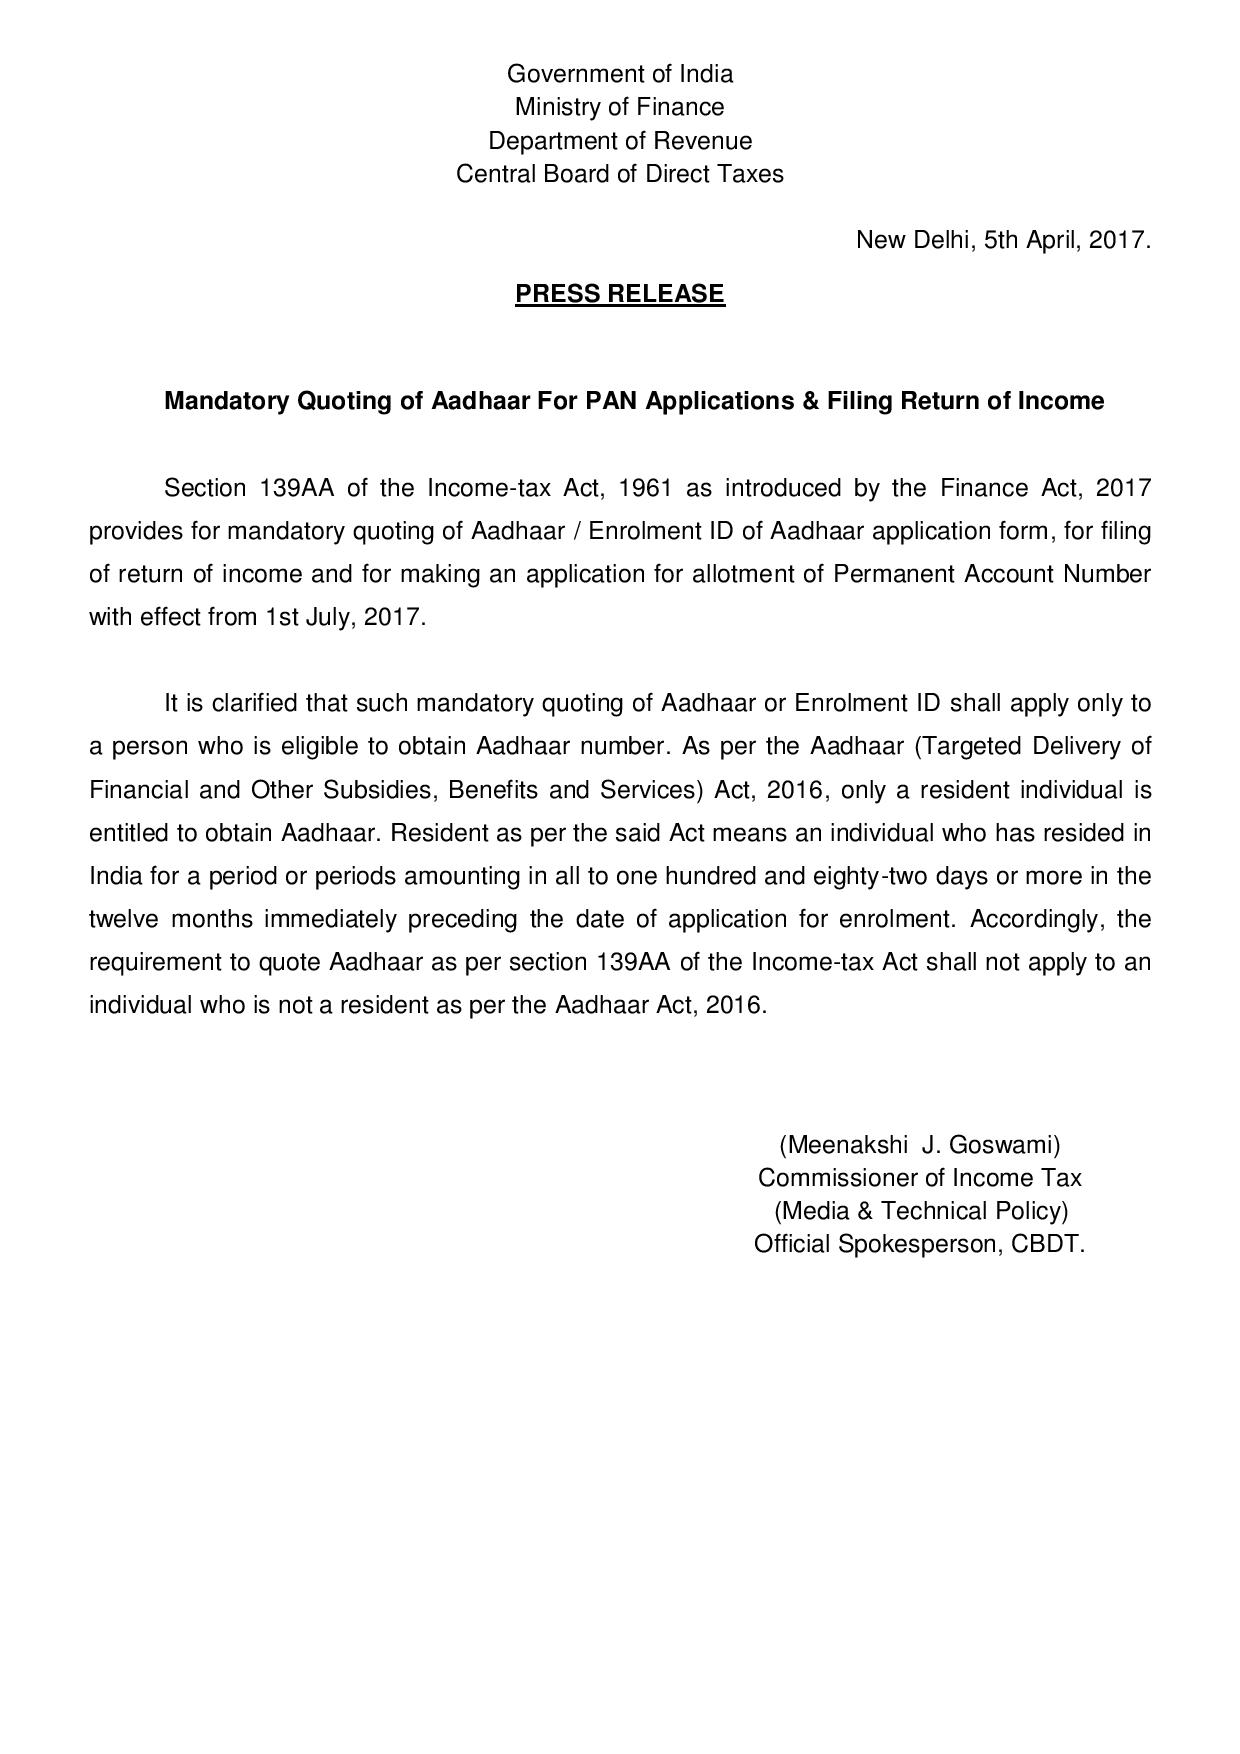 Press-Release-Aadhaar-5-04-2017-page-001 (2).jpg